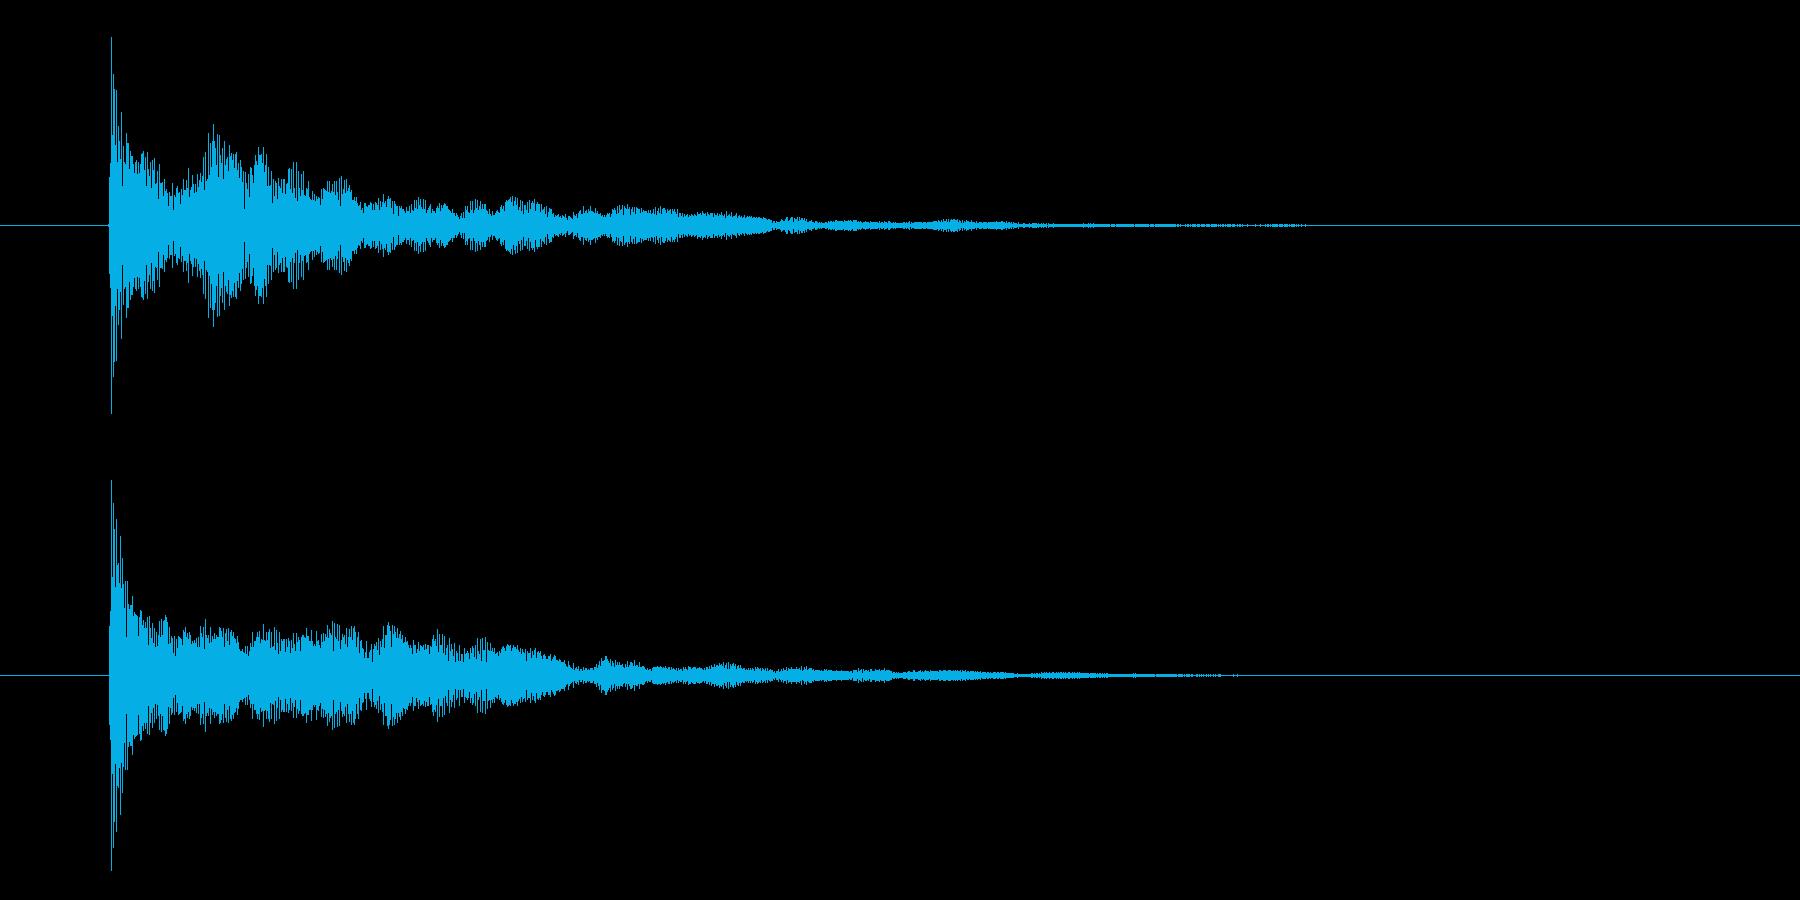 シンセピチカートのサウンドロゴ2の再生済みの波形